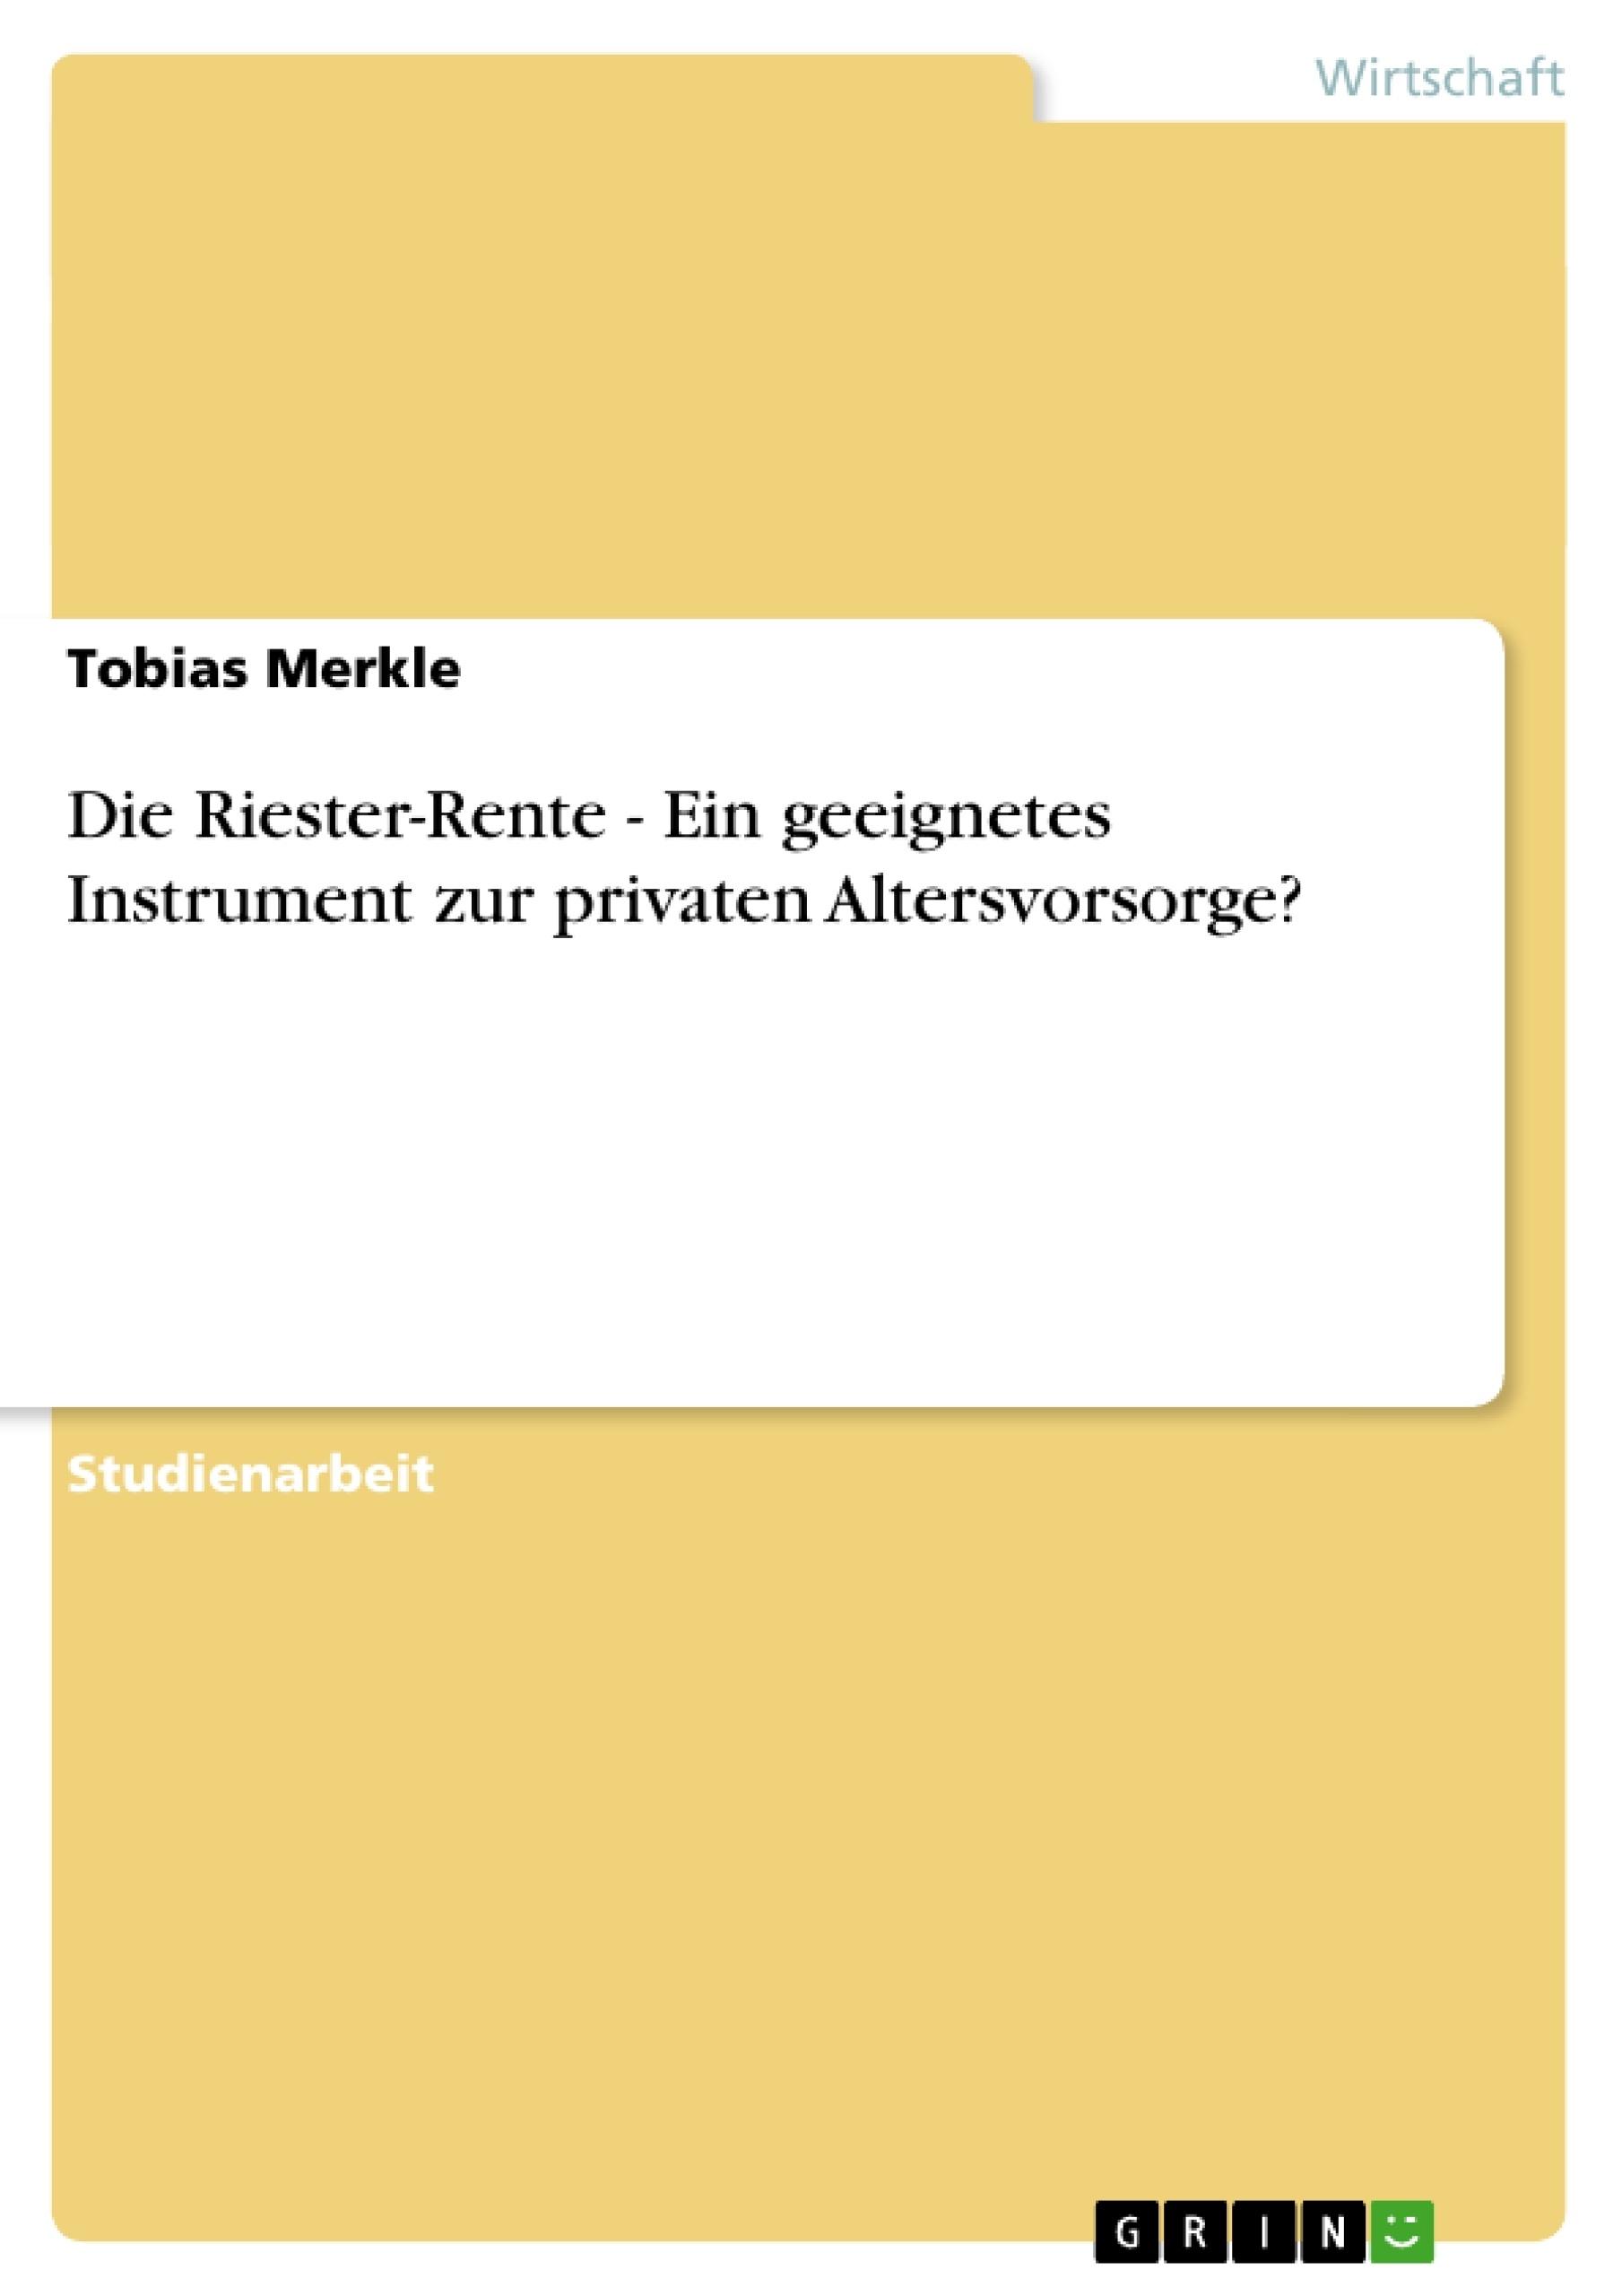 Titel: Die Riester-Rente - Ein geeignetes Instrument zur privaten Altersvorsorge?